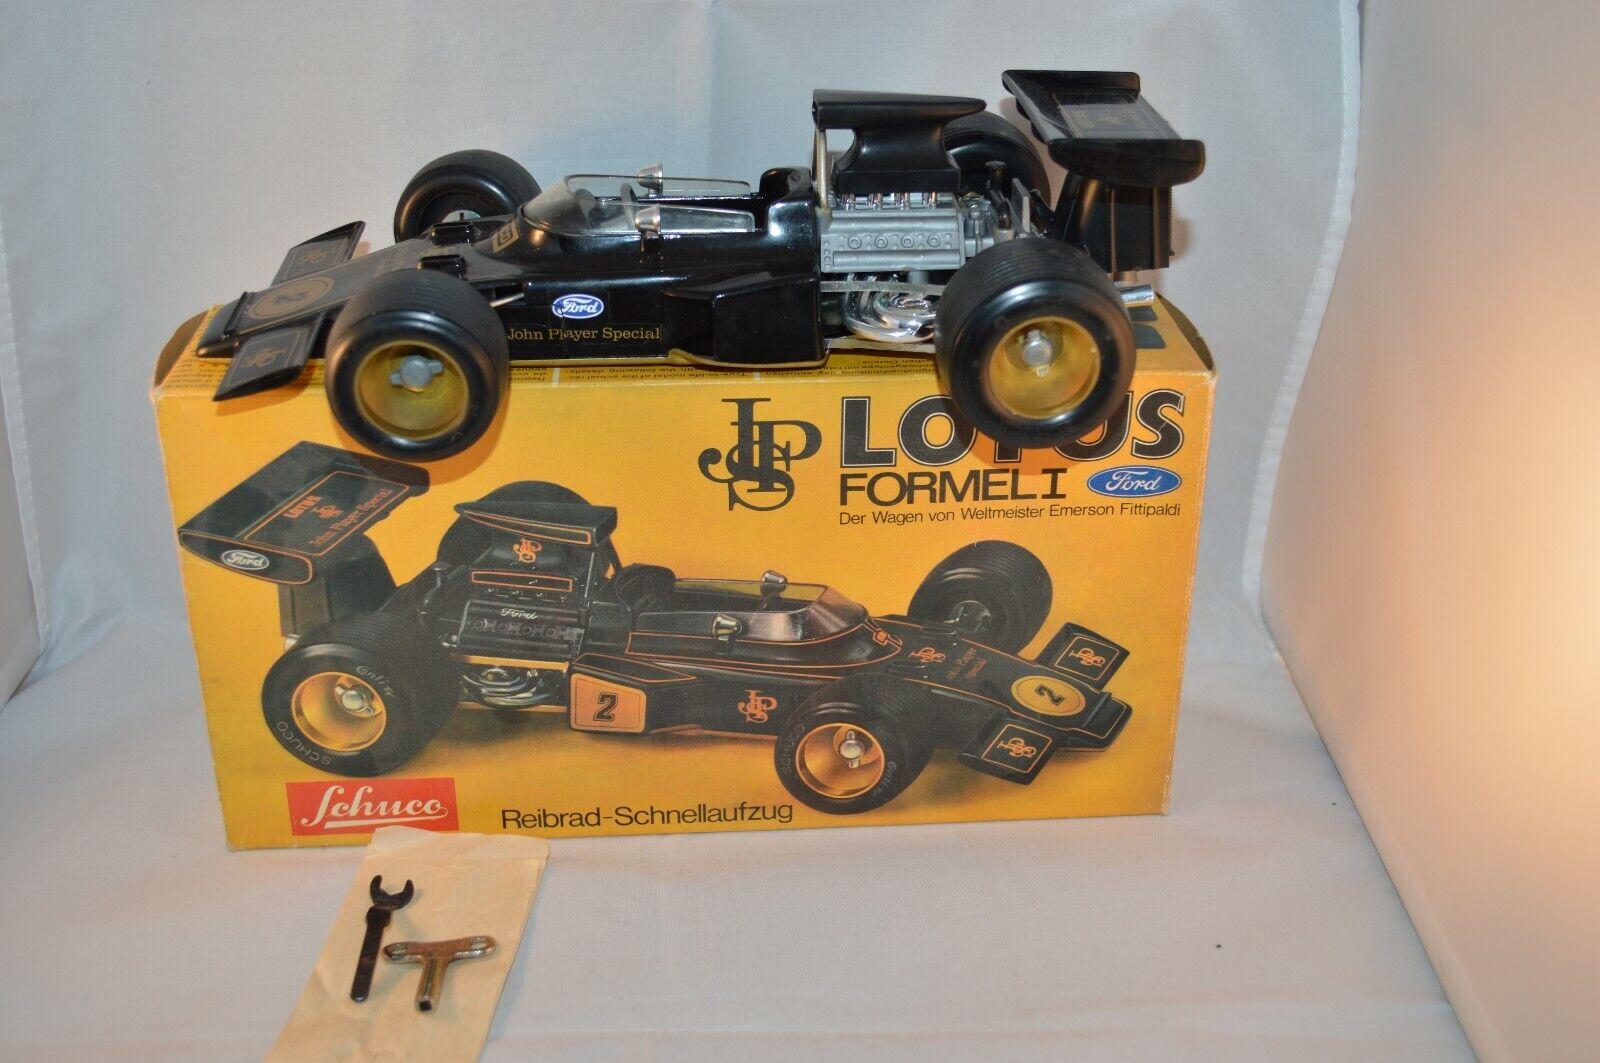 Schuco 356 177 Masseus Formel 1 mint in Box SUPERB decal 2